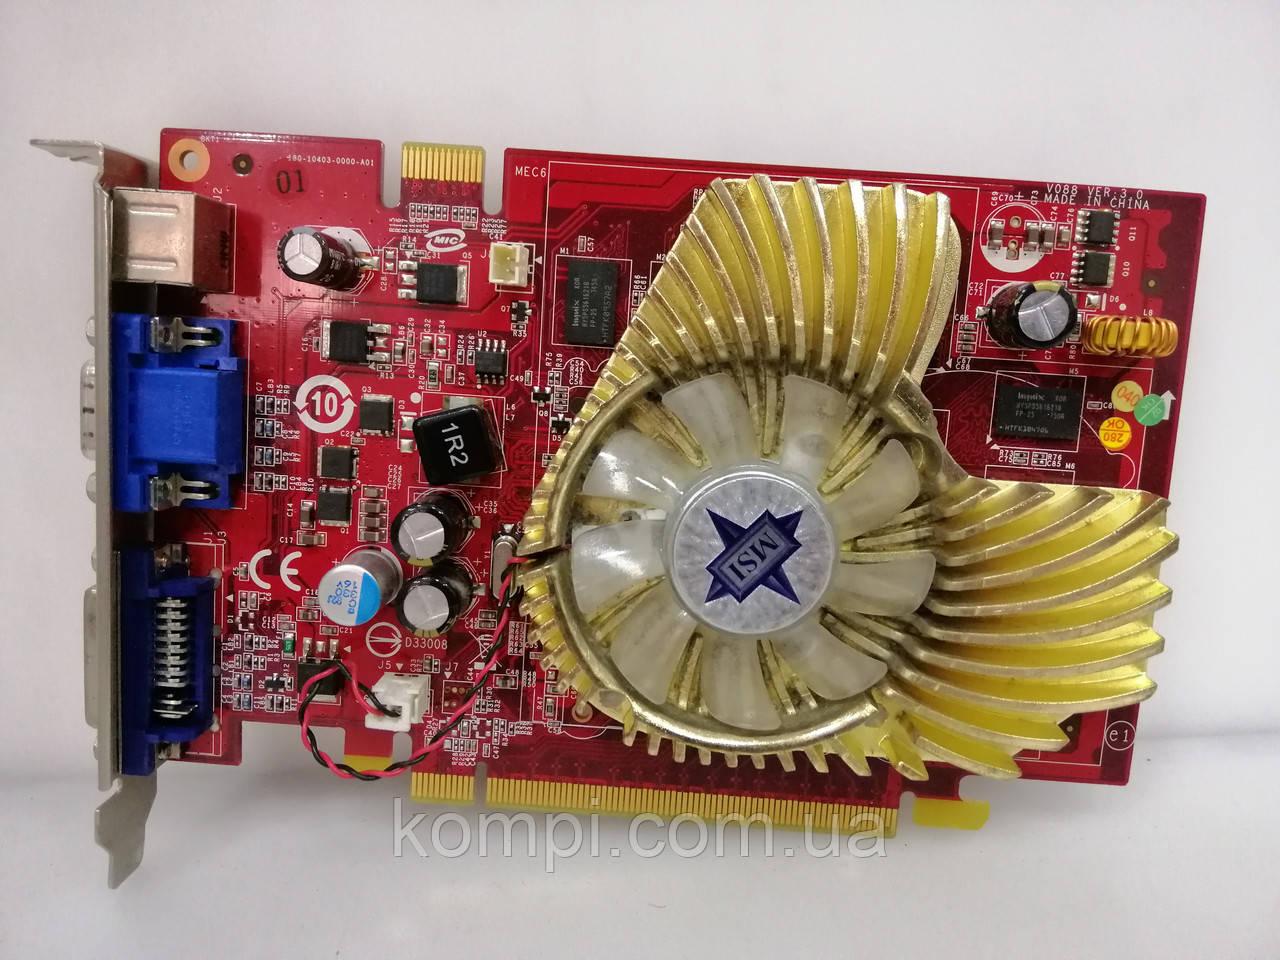 Видеокарта NVIDIA 8600GT 256mb   PCI-E